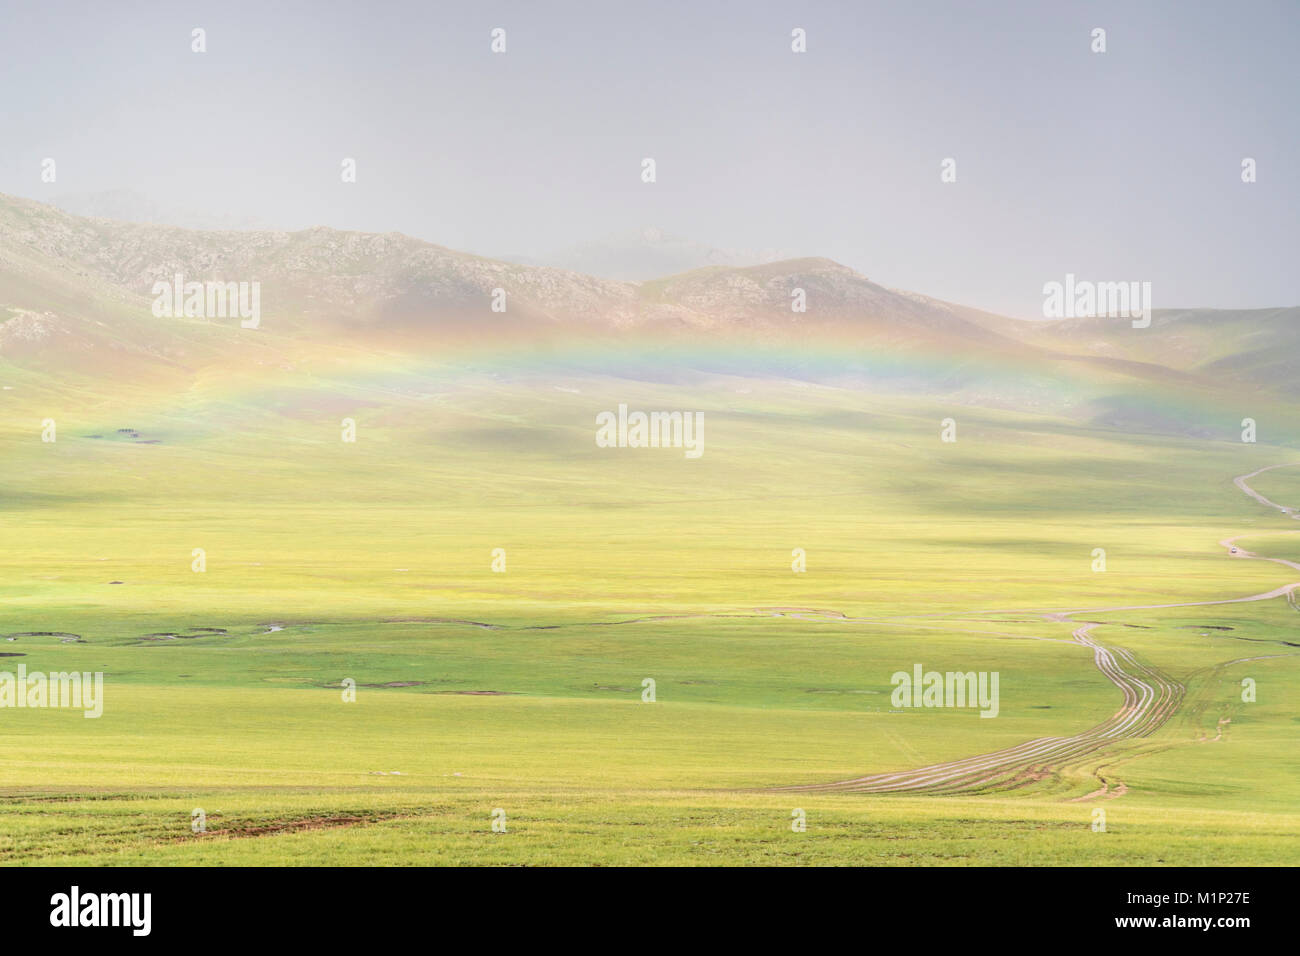 Regenbogen über dem grünen Mongolische Steppe, Ovorkhangai Provinz, Mongolei, Zentralasien, Asien Stockbild